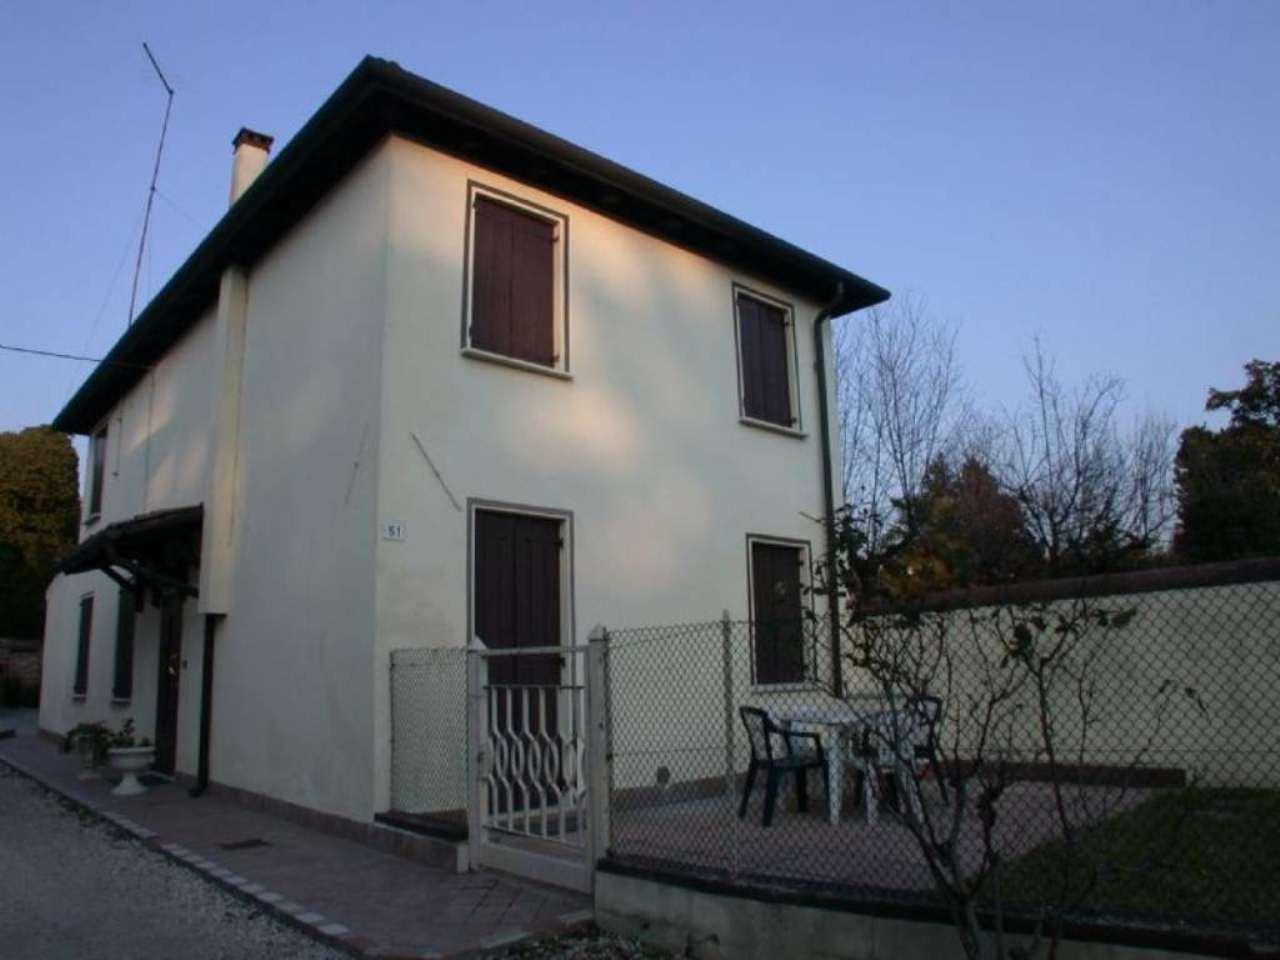 Soluzione Indipendente in vendita a Paese, 5 locali, prezzo € 120.000 | Cambio Casa.it